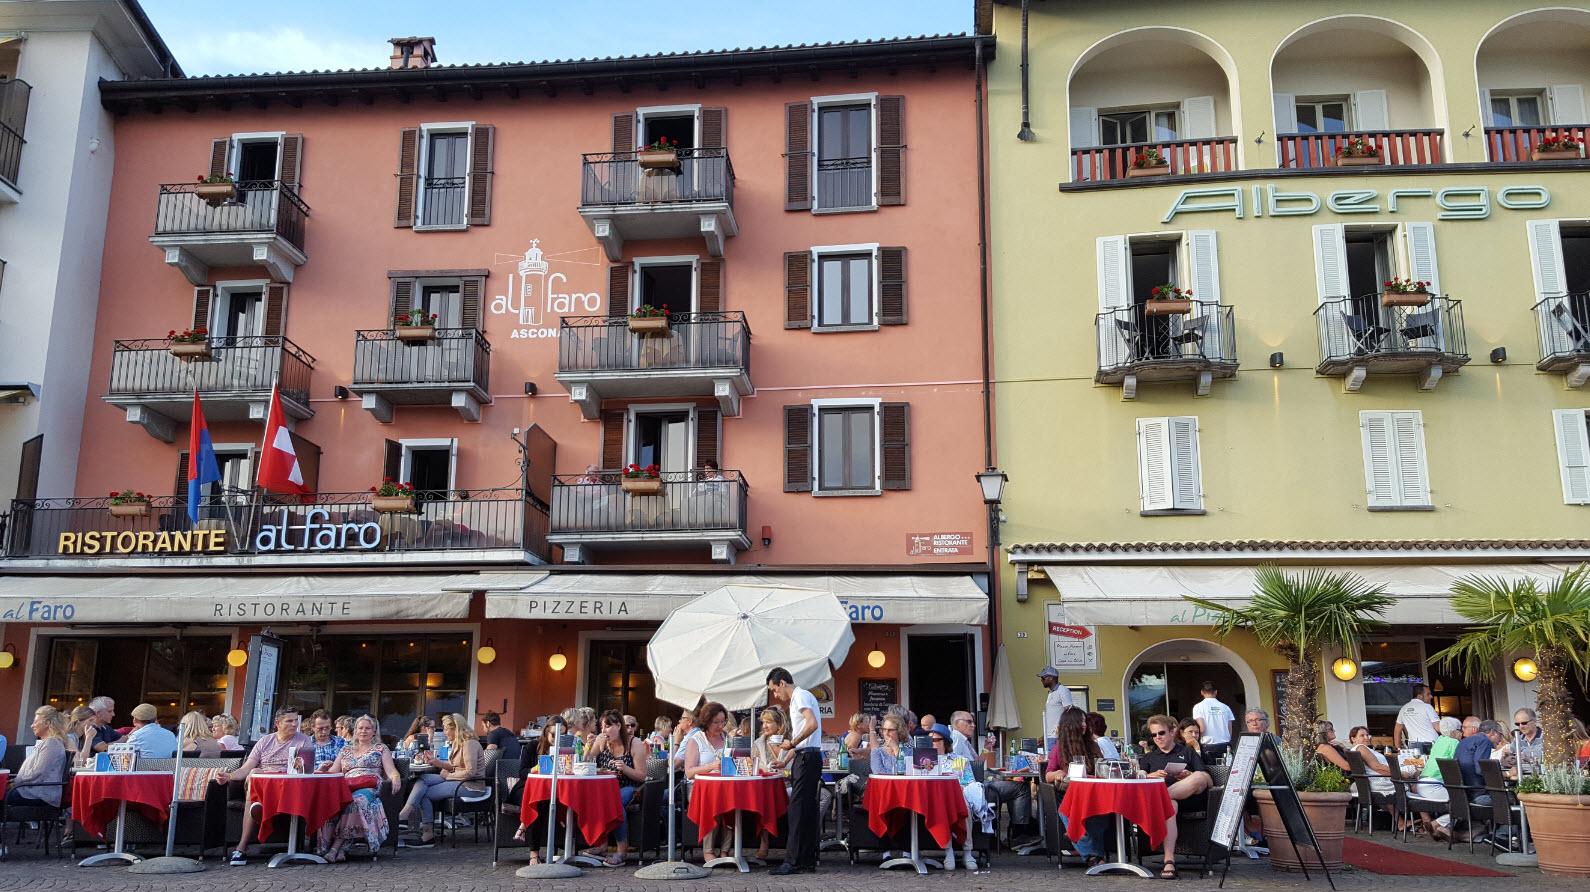 Piazza restaurant face a une scene de concert